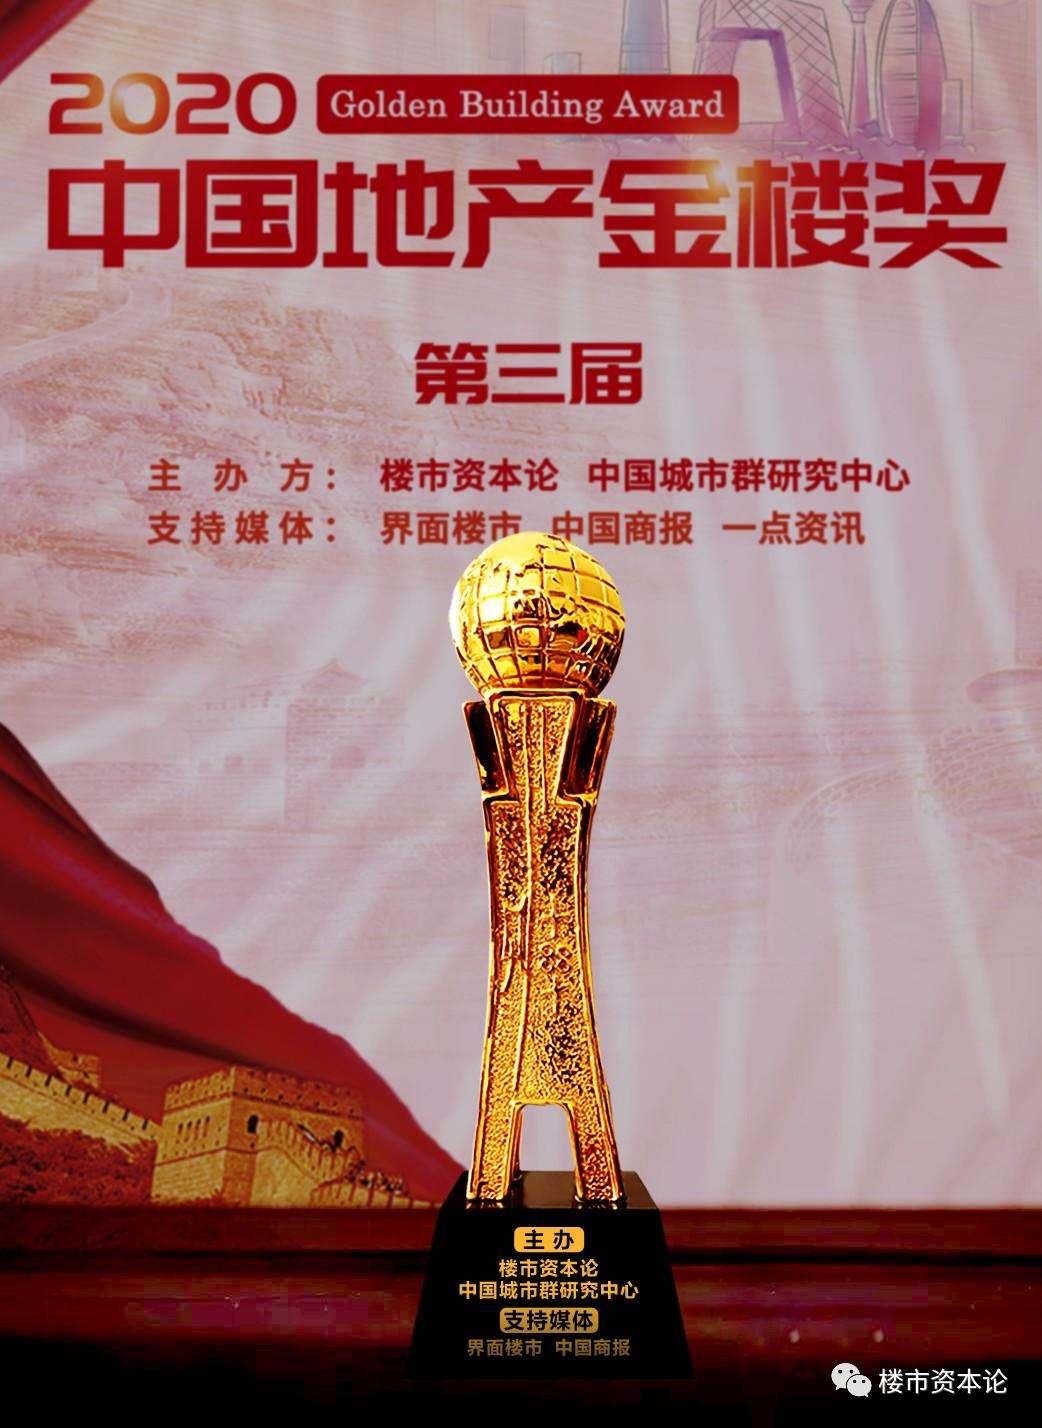 2020第三届中国地产金楼奖榜单揭晓,众多房企获奖